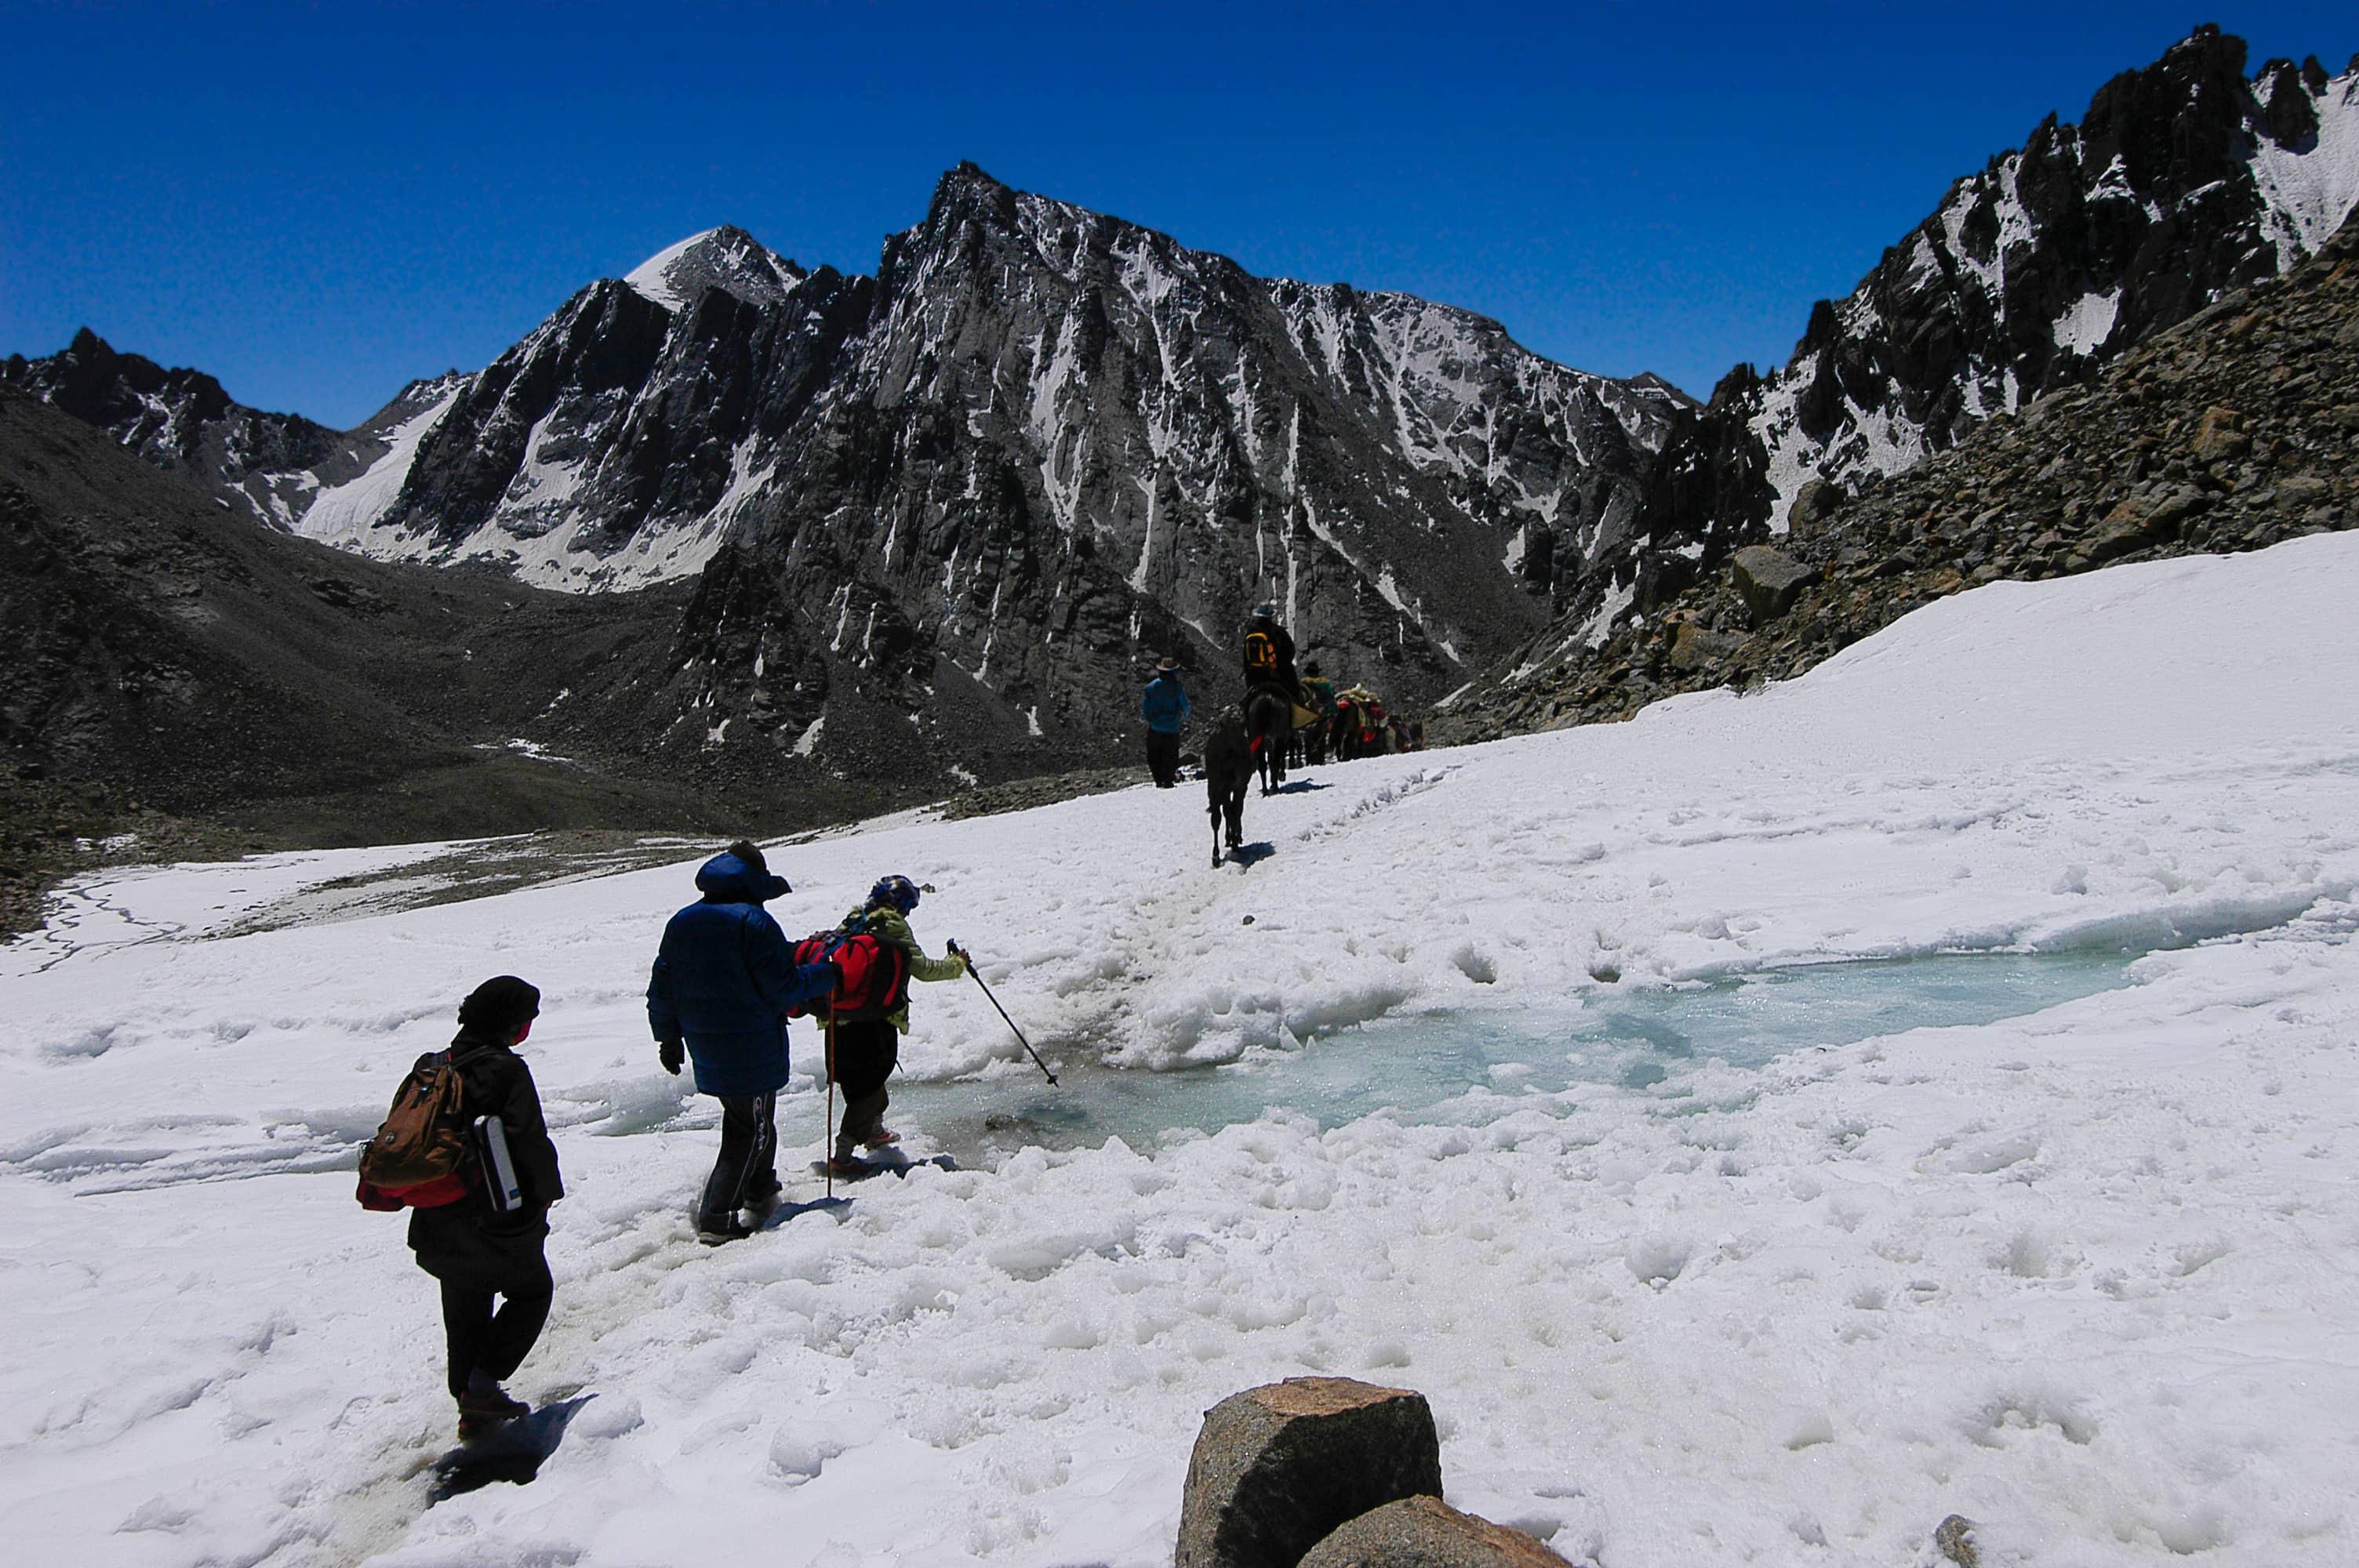 Trekking around Mount Kailash in snow, Tibet